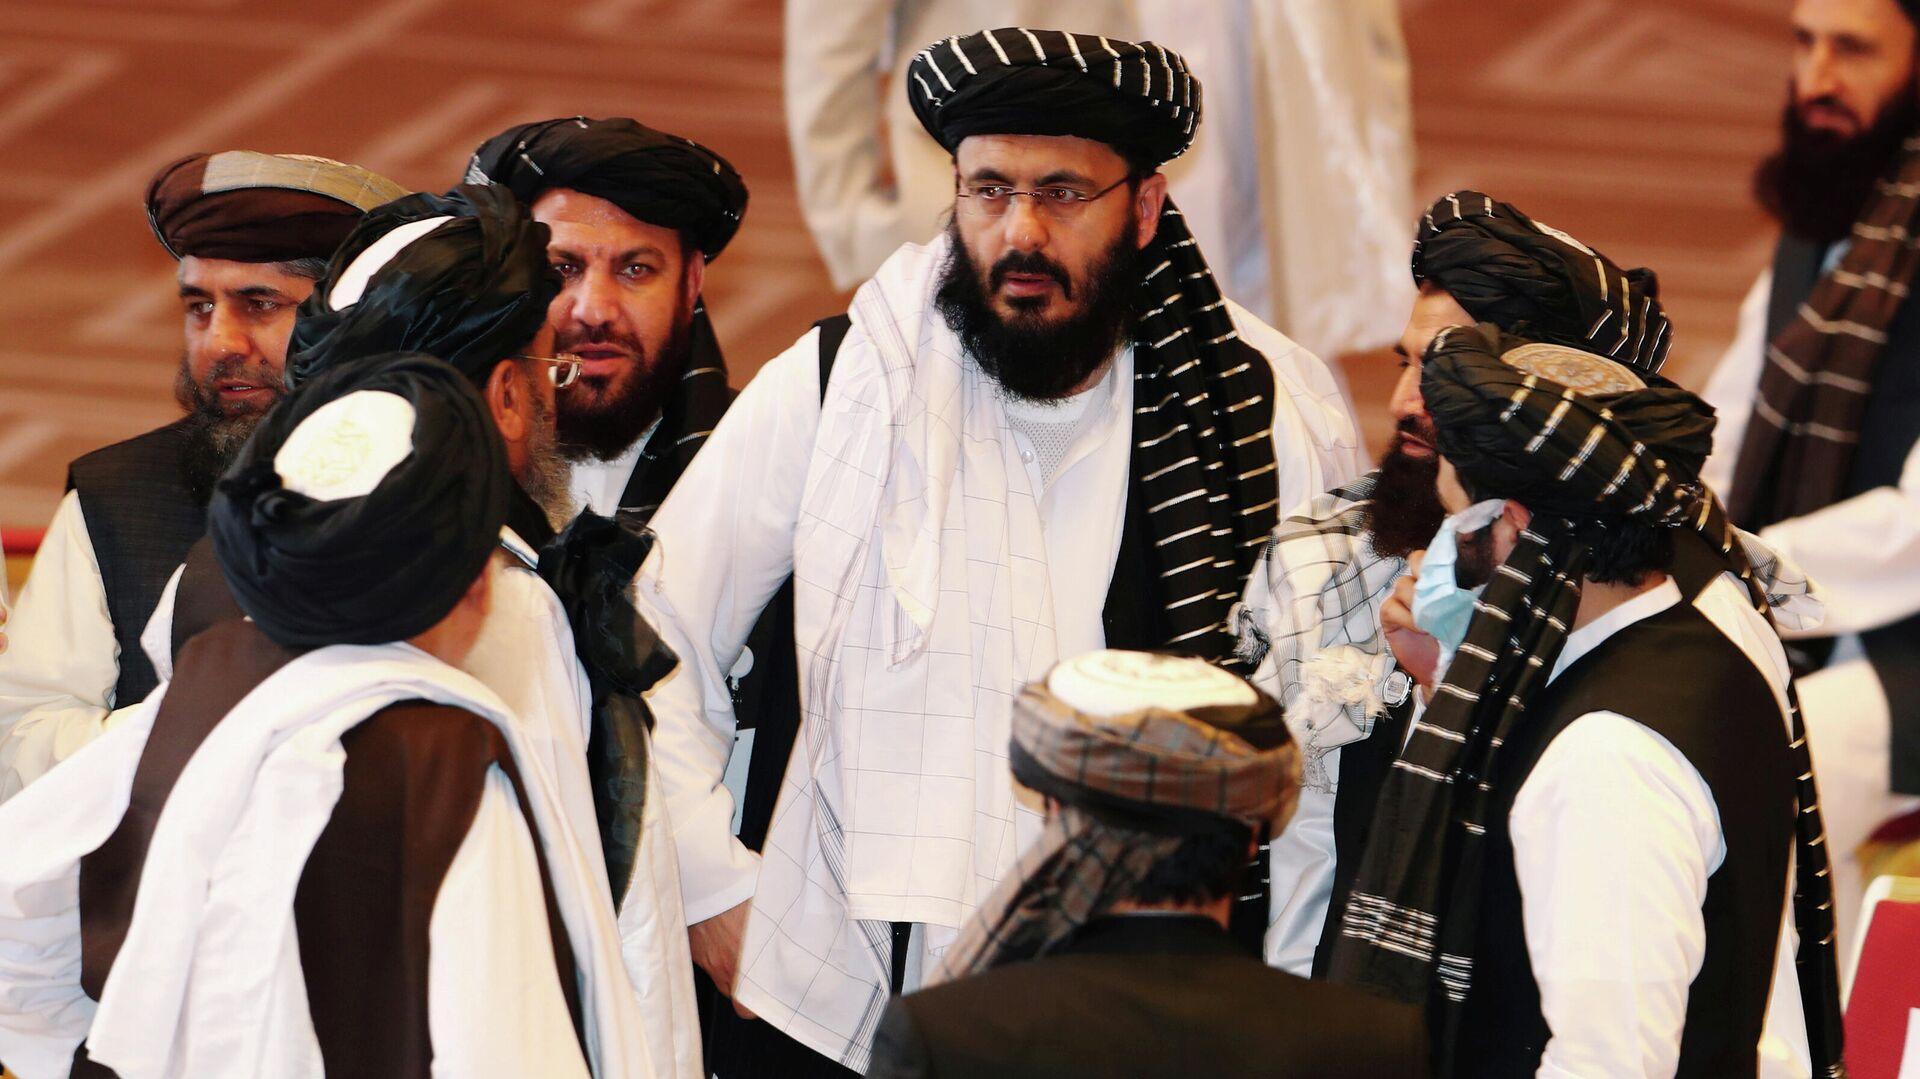 Vertreter der afghanischen Regierung und der Taliban-Bewegung verhandeln in Katar. Doha, 12. September 2020 - SNA, 1920, 26.02.2021